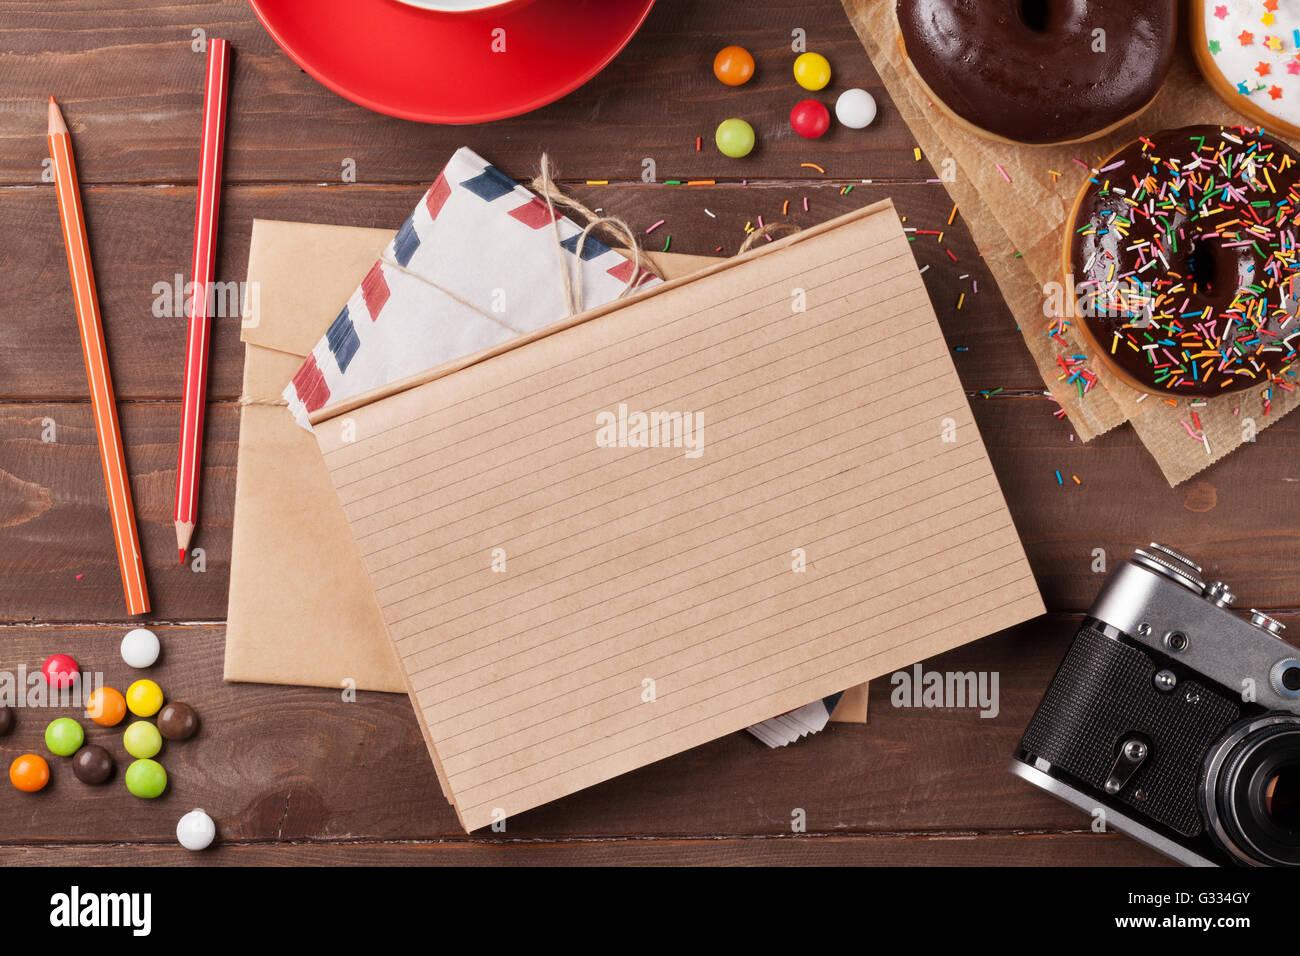 Le bloc-notes, des beignes et du café sur la table en bois. Top View with copy space Banque D'Images